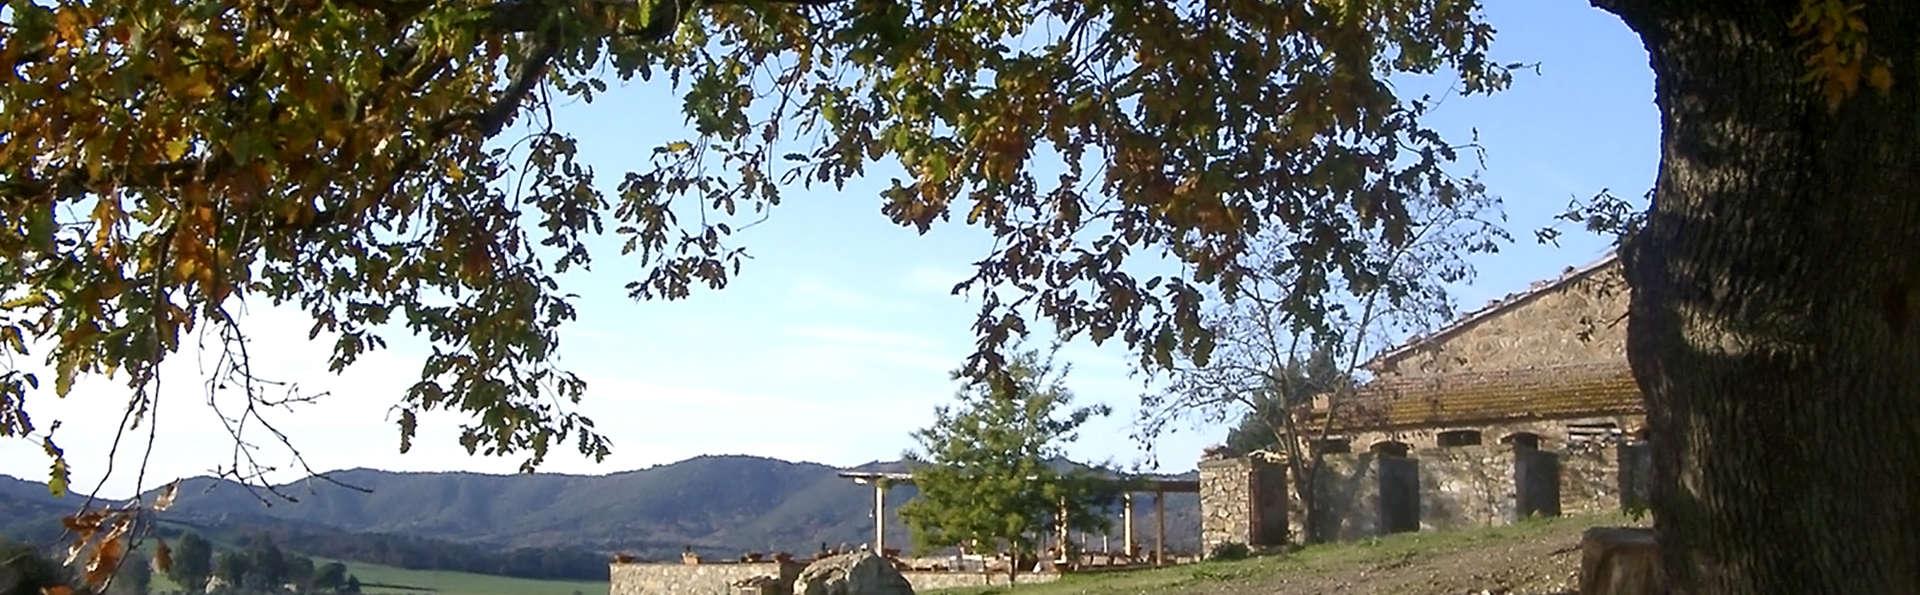 Agriturismo Casa Montecucco - Edit_View.jpg